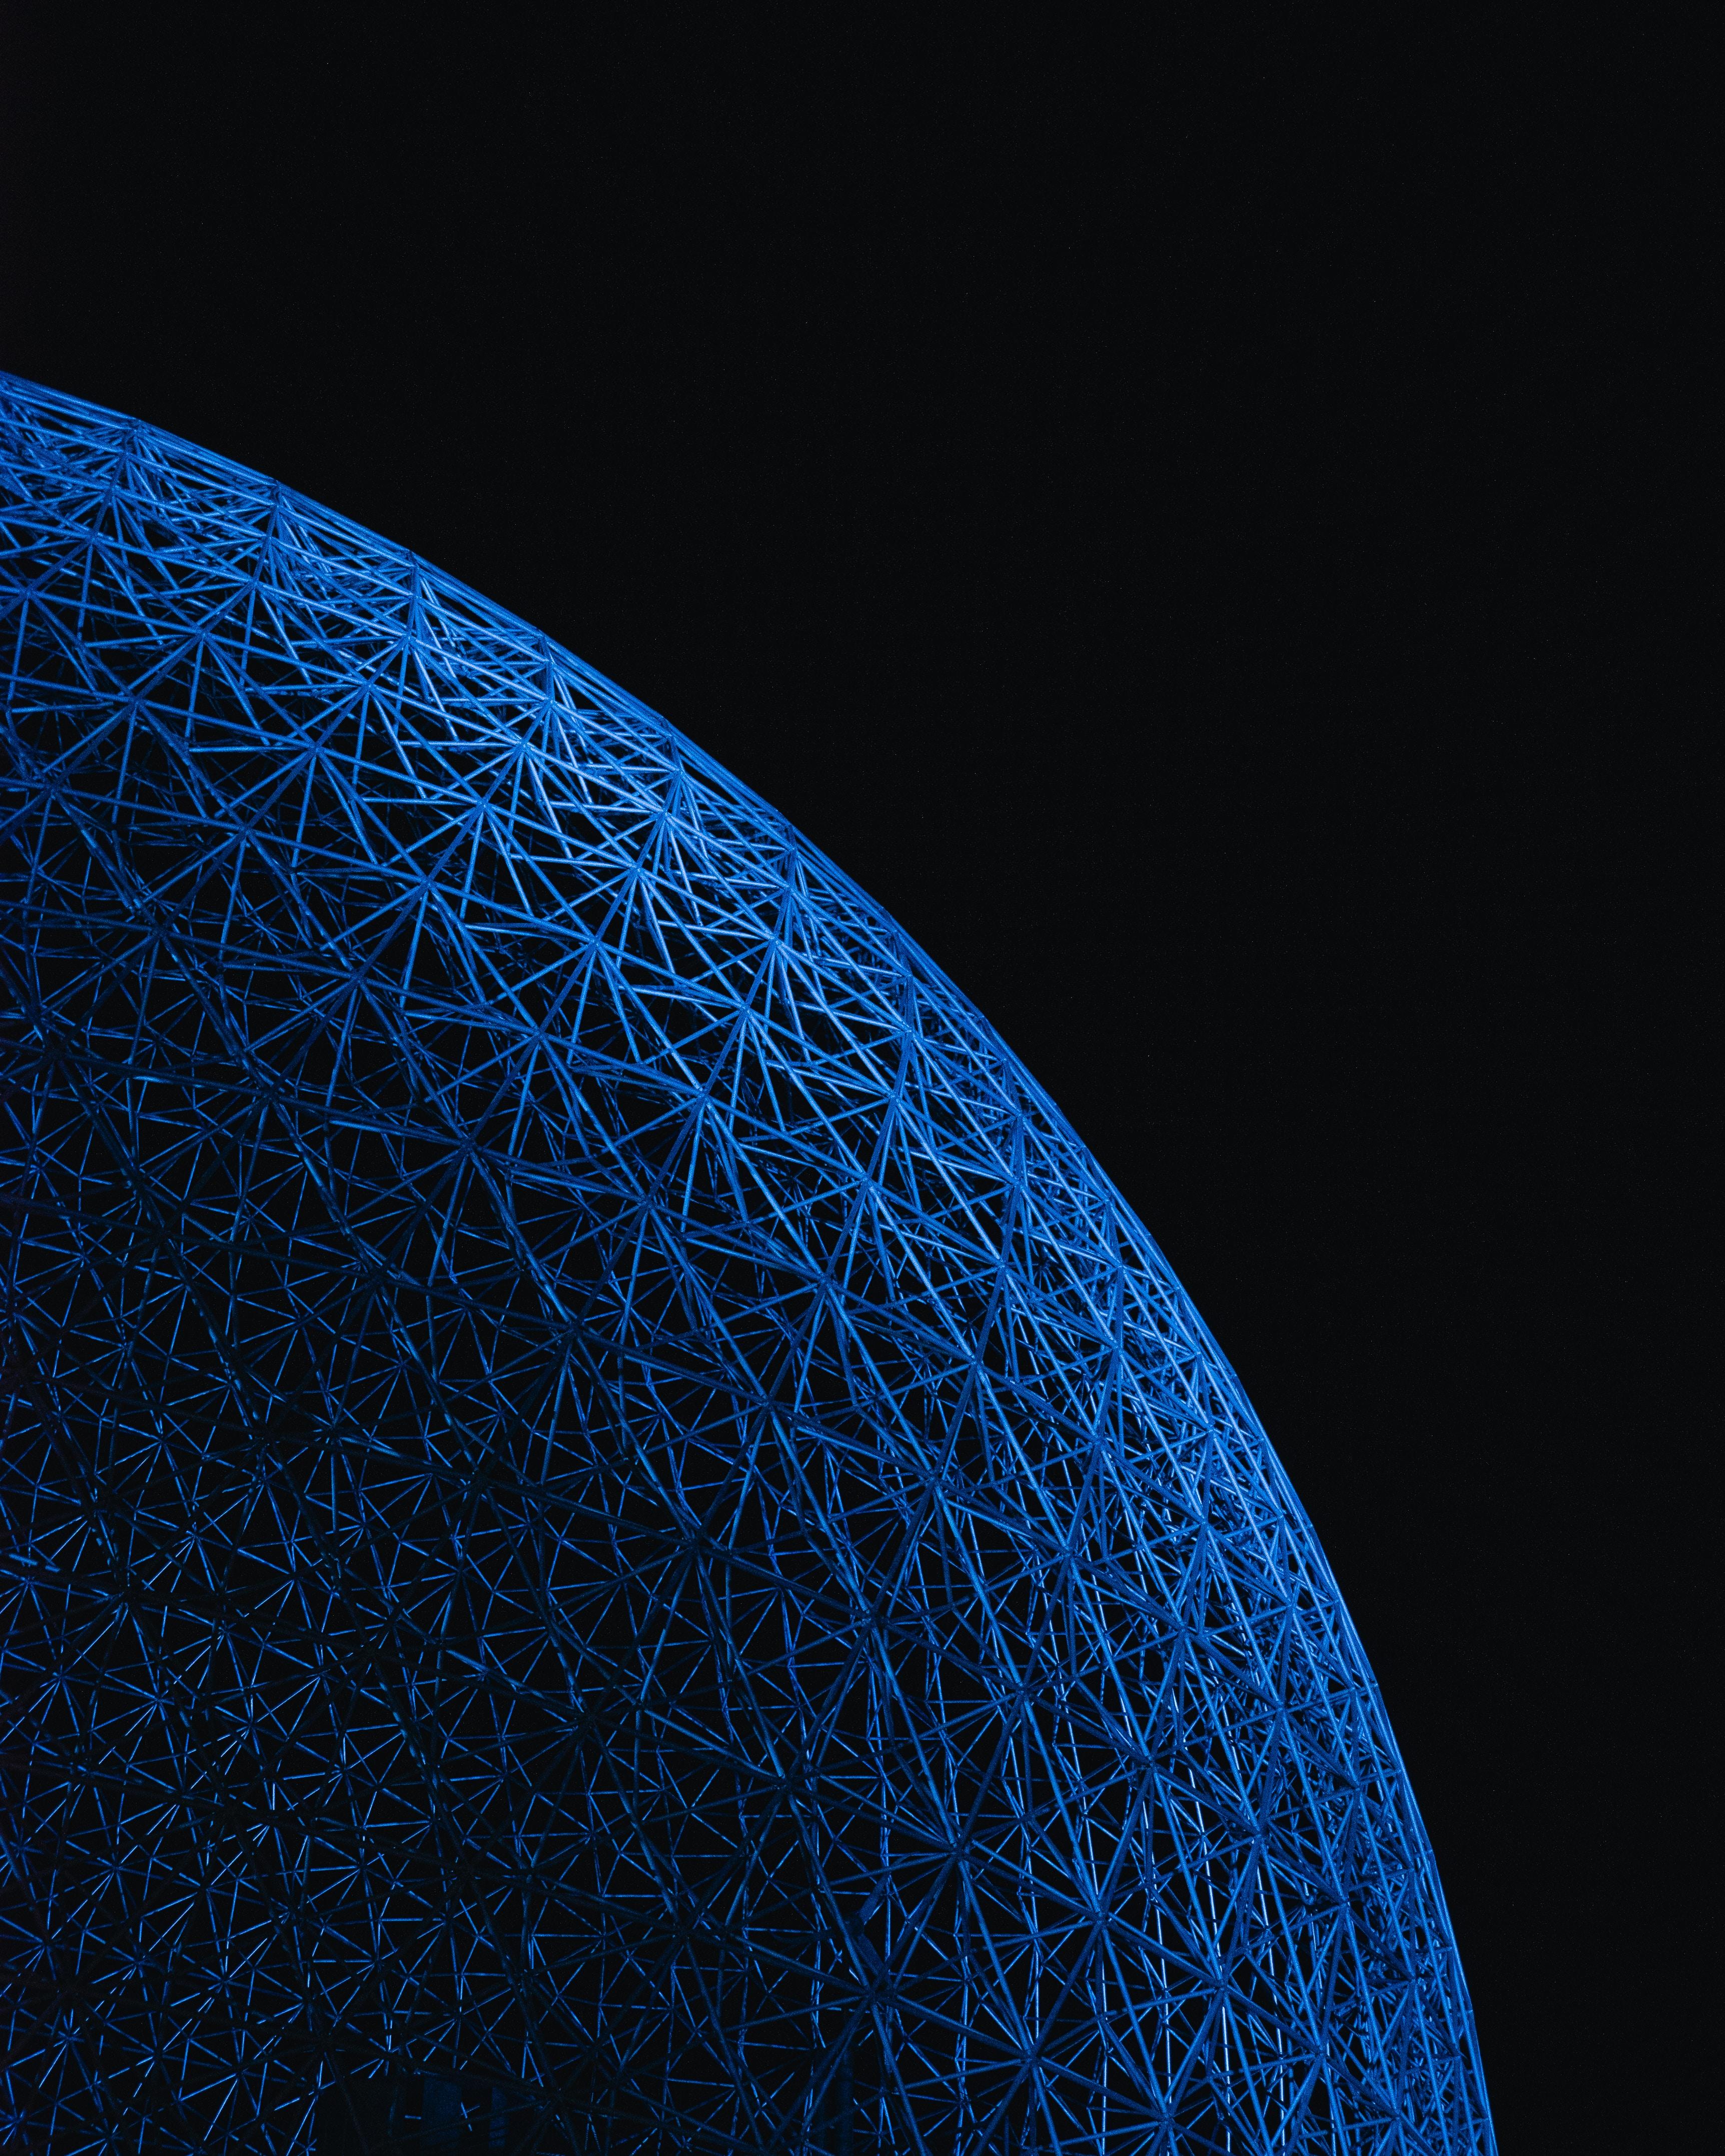 126076 免費下載壁紙 杂项, 球, 领域, 球体, 表面, 柳条, 编织, 蓝色的 屏保和圖片